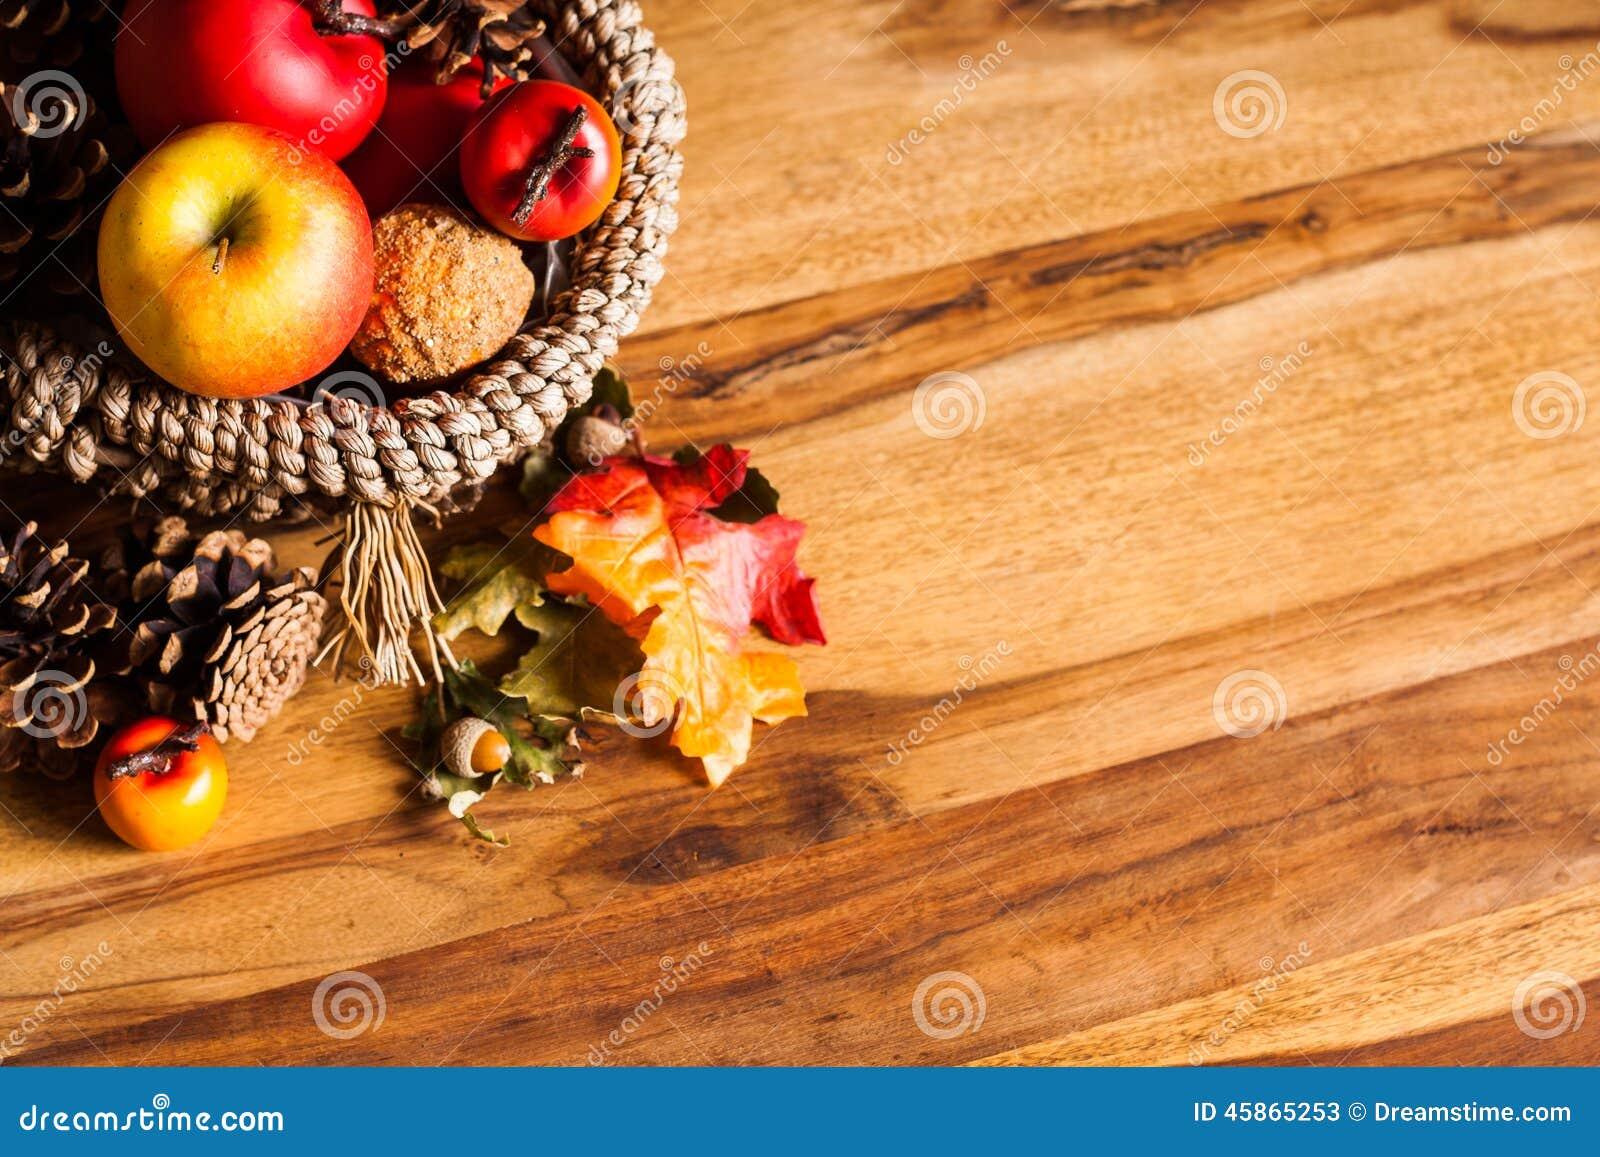 Huis Donker Hout : De herfstdecoratie op donker hout stock afbeelding afbeelding